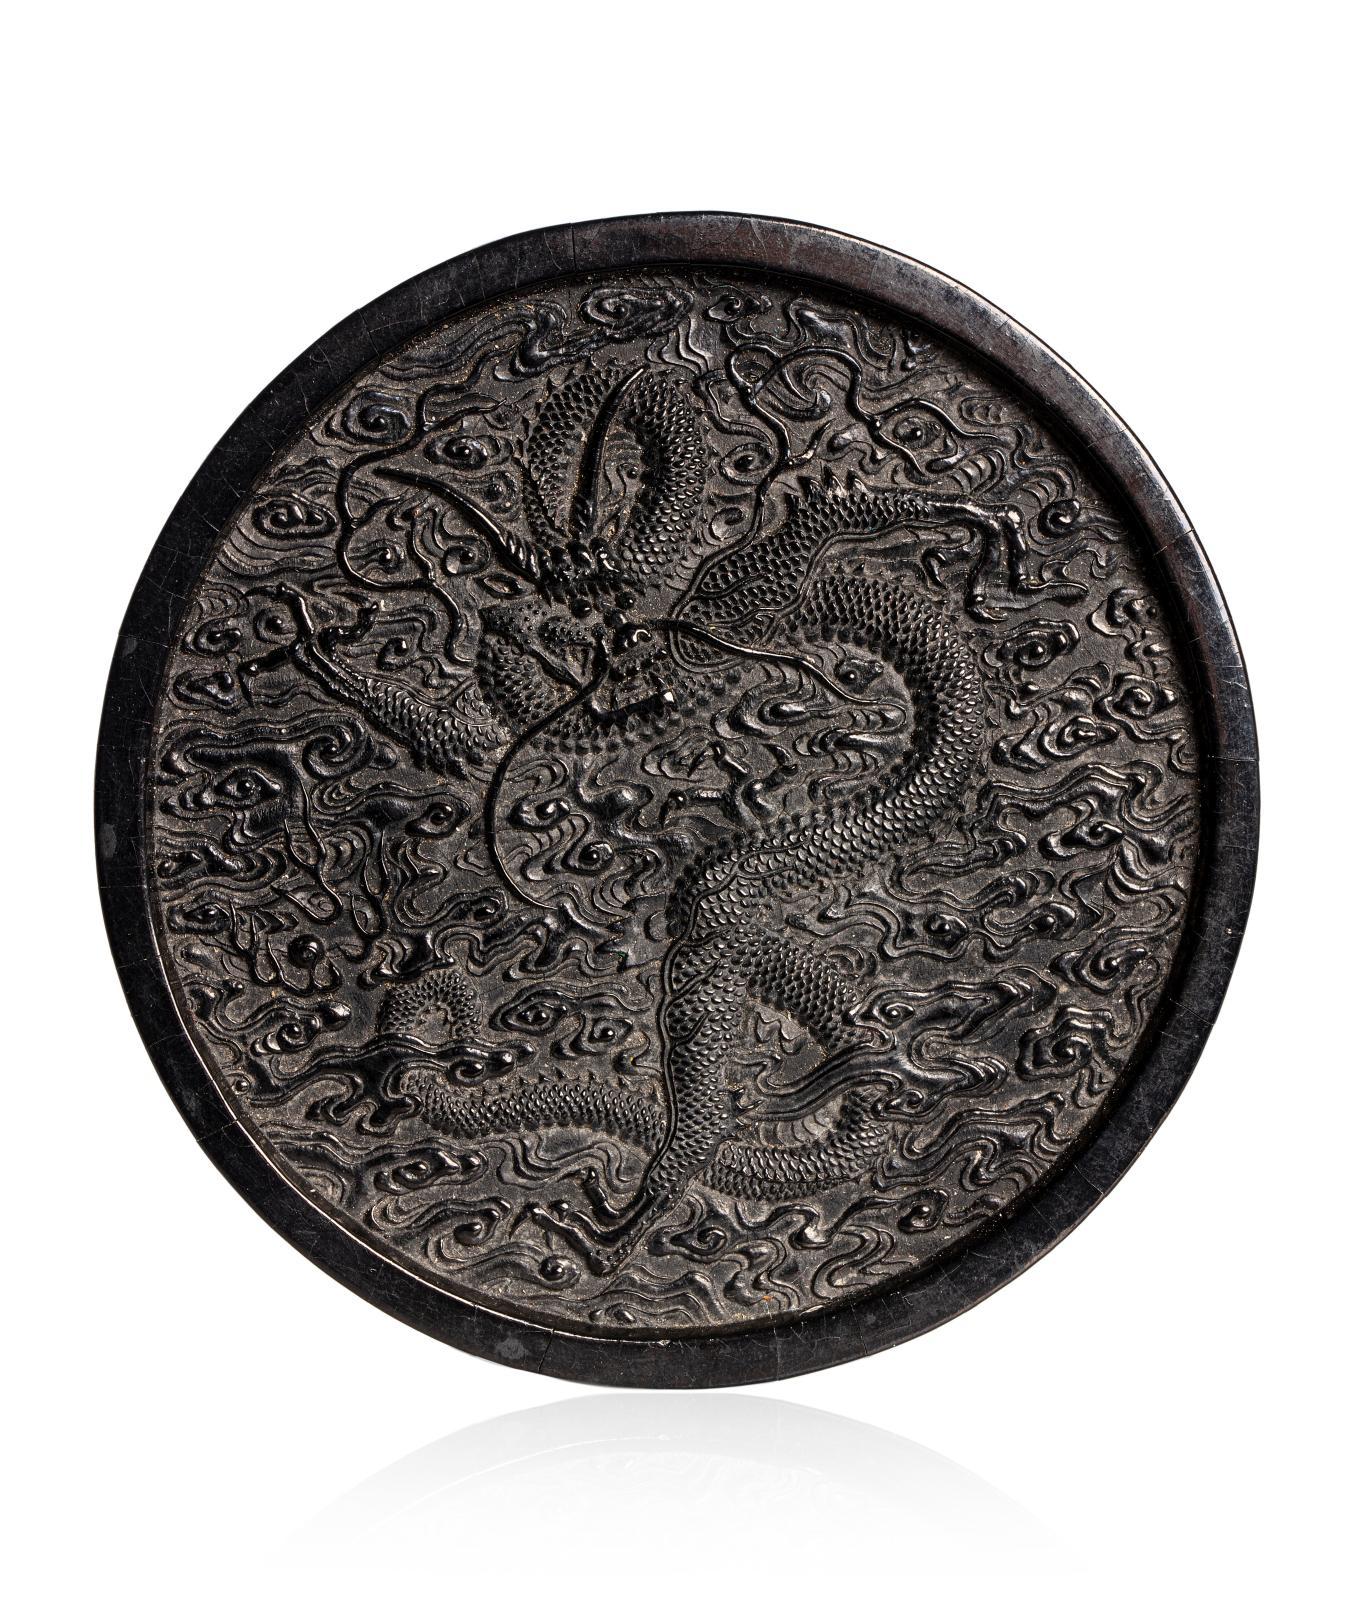 Chine, époque Qianlong (1735-1796). Pain d'encre circulaire, à décor d'un dragon de face parmi des nuages stylisés, de caractères archaïsa